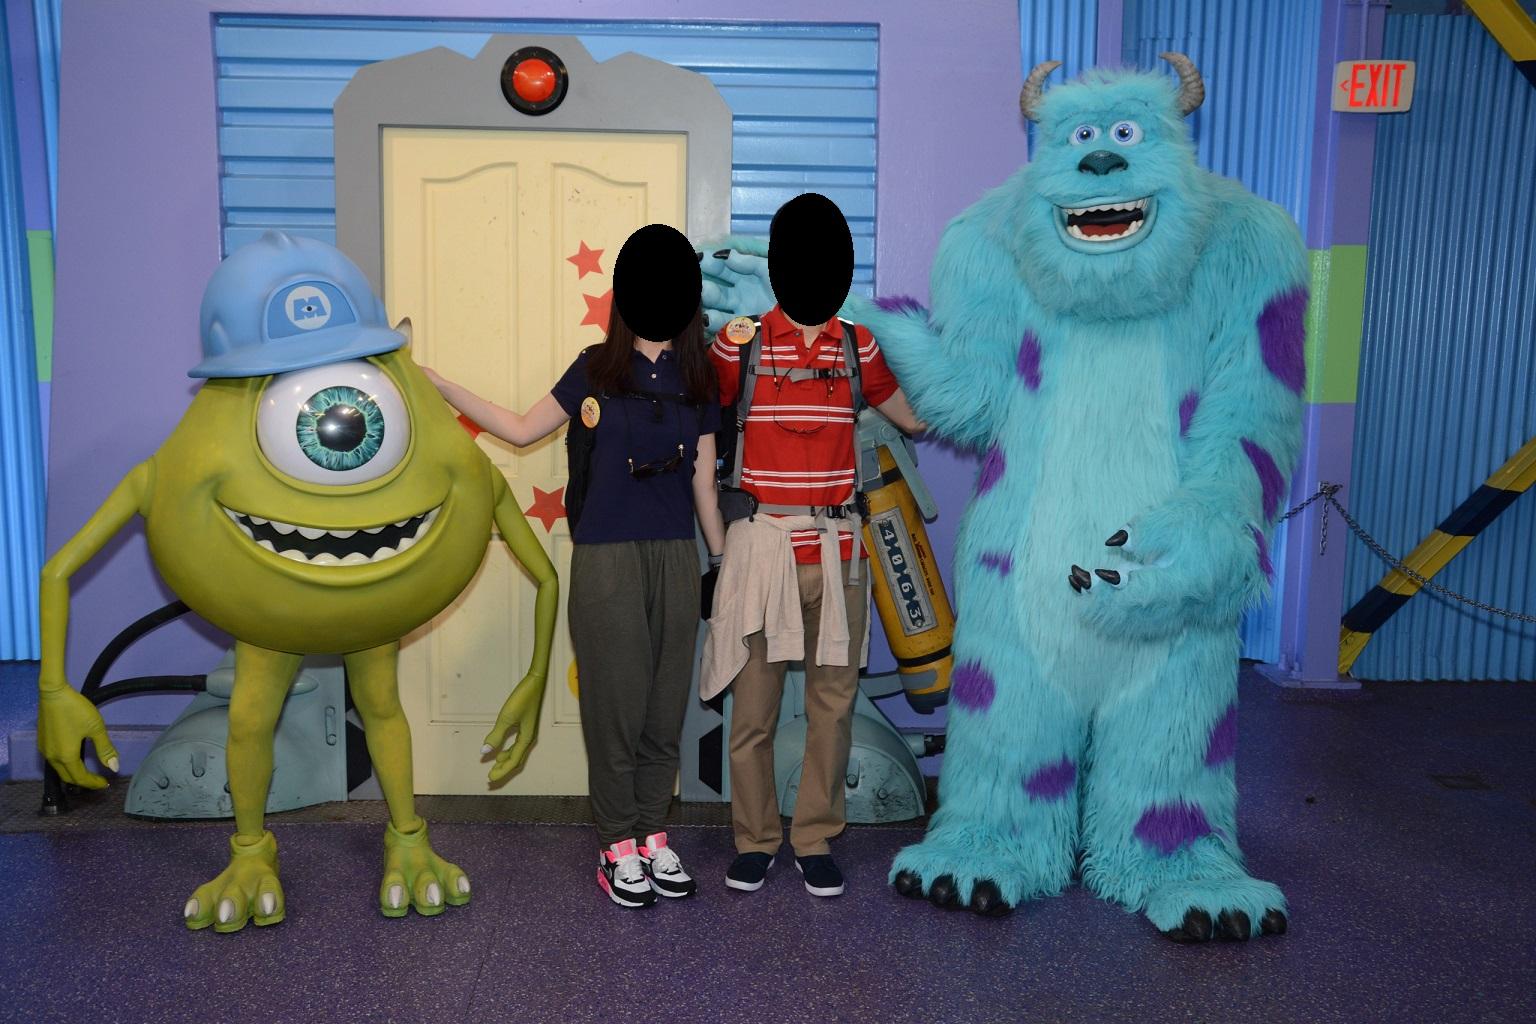 WDW旅行記 49 ハリウッドスタジオでキャラクターグリーティング(マイクとサリー)